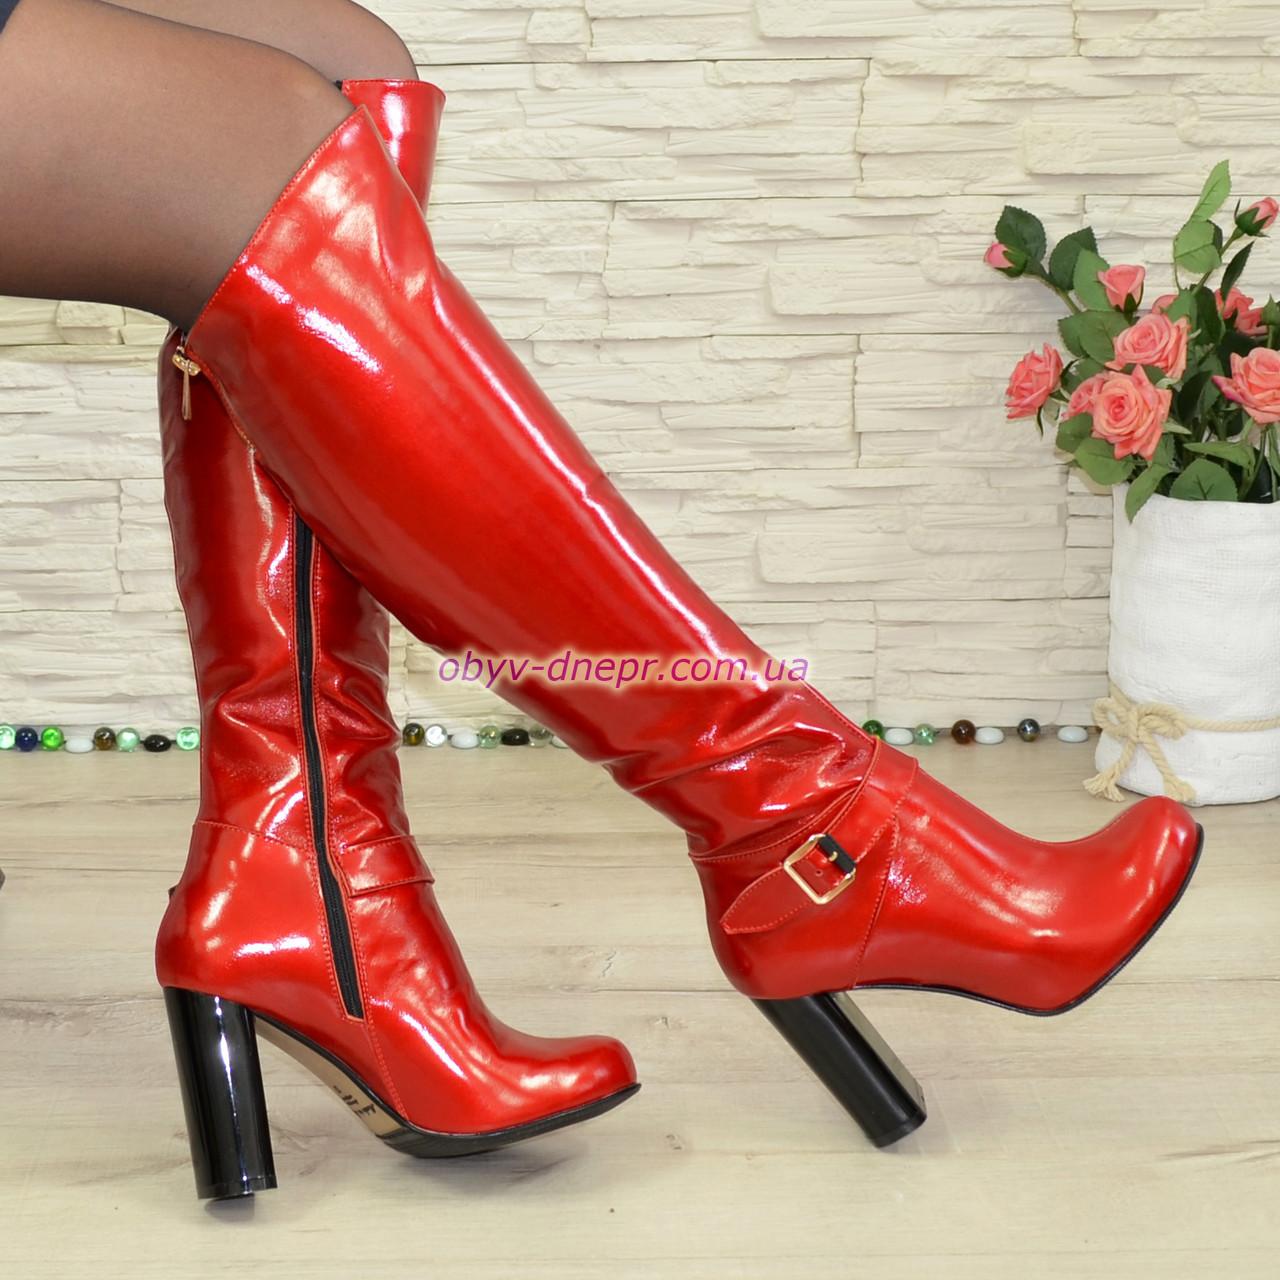 25db4cacd Высокие демисезонные лаковые сапоги на устойчивом каблуке. 37 размер - Obyv  Dnepr - кожаная обувь